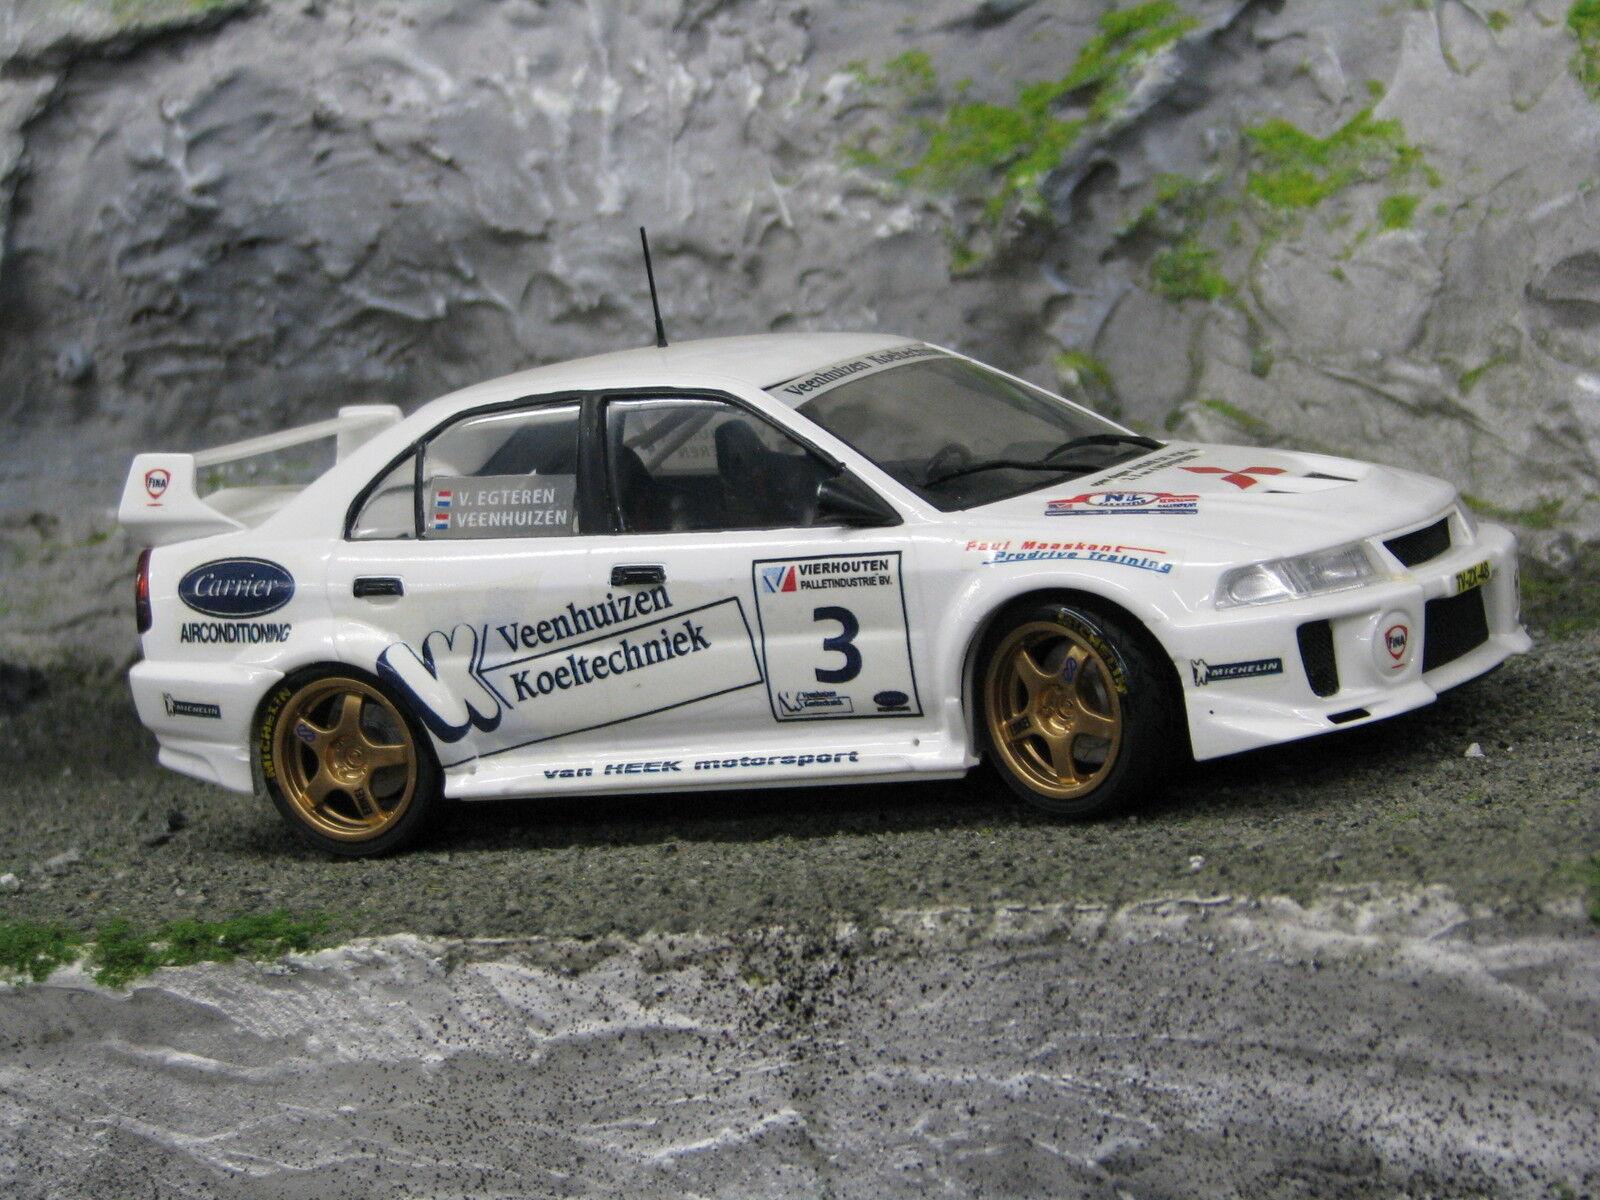 QSP Mitsubishi Lancer Evo V 1:24  3 Veenhuizen / v. Egteren Barneveld Rally 2002